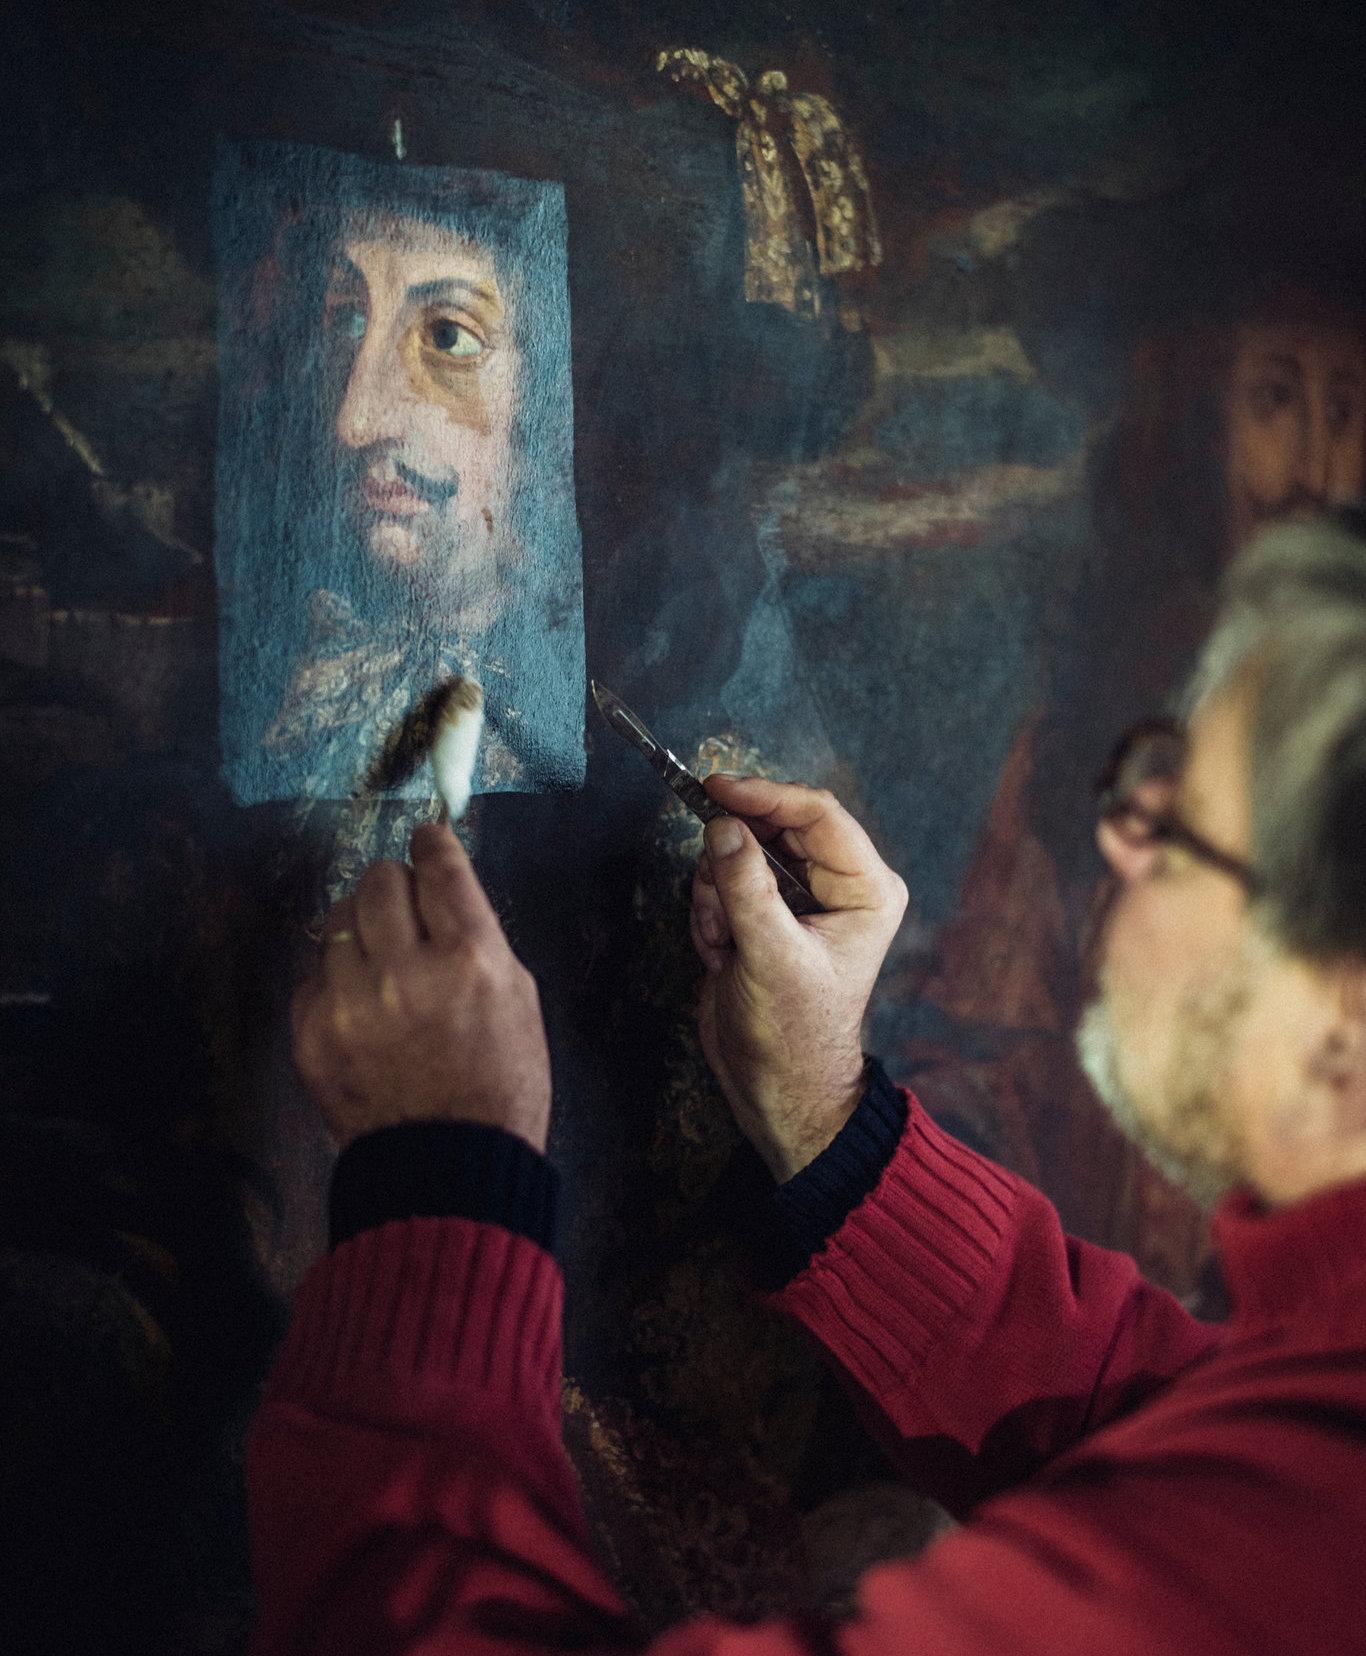 Le restaurateur Benoît Janson au travail, image ©Julien Mignot pour The New York Times